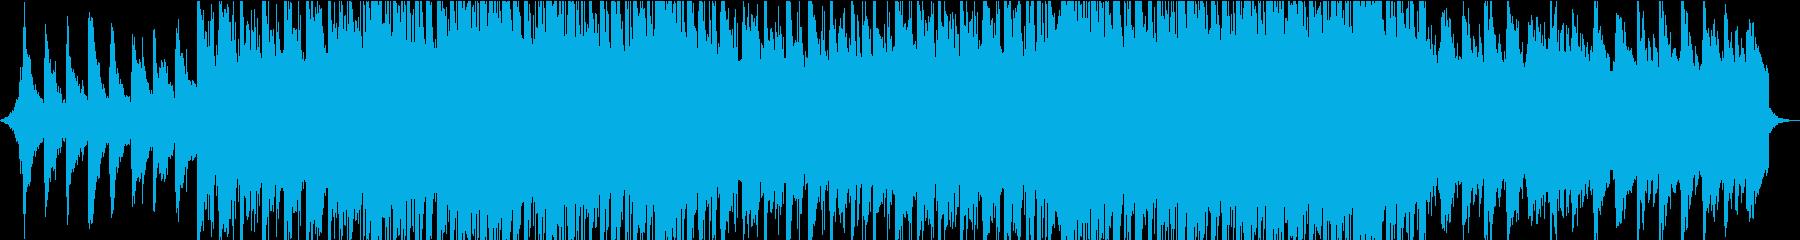 切ない・クール・ブルーな気持ち・落ち着くの再生済みの波形